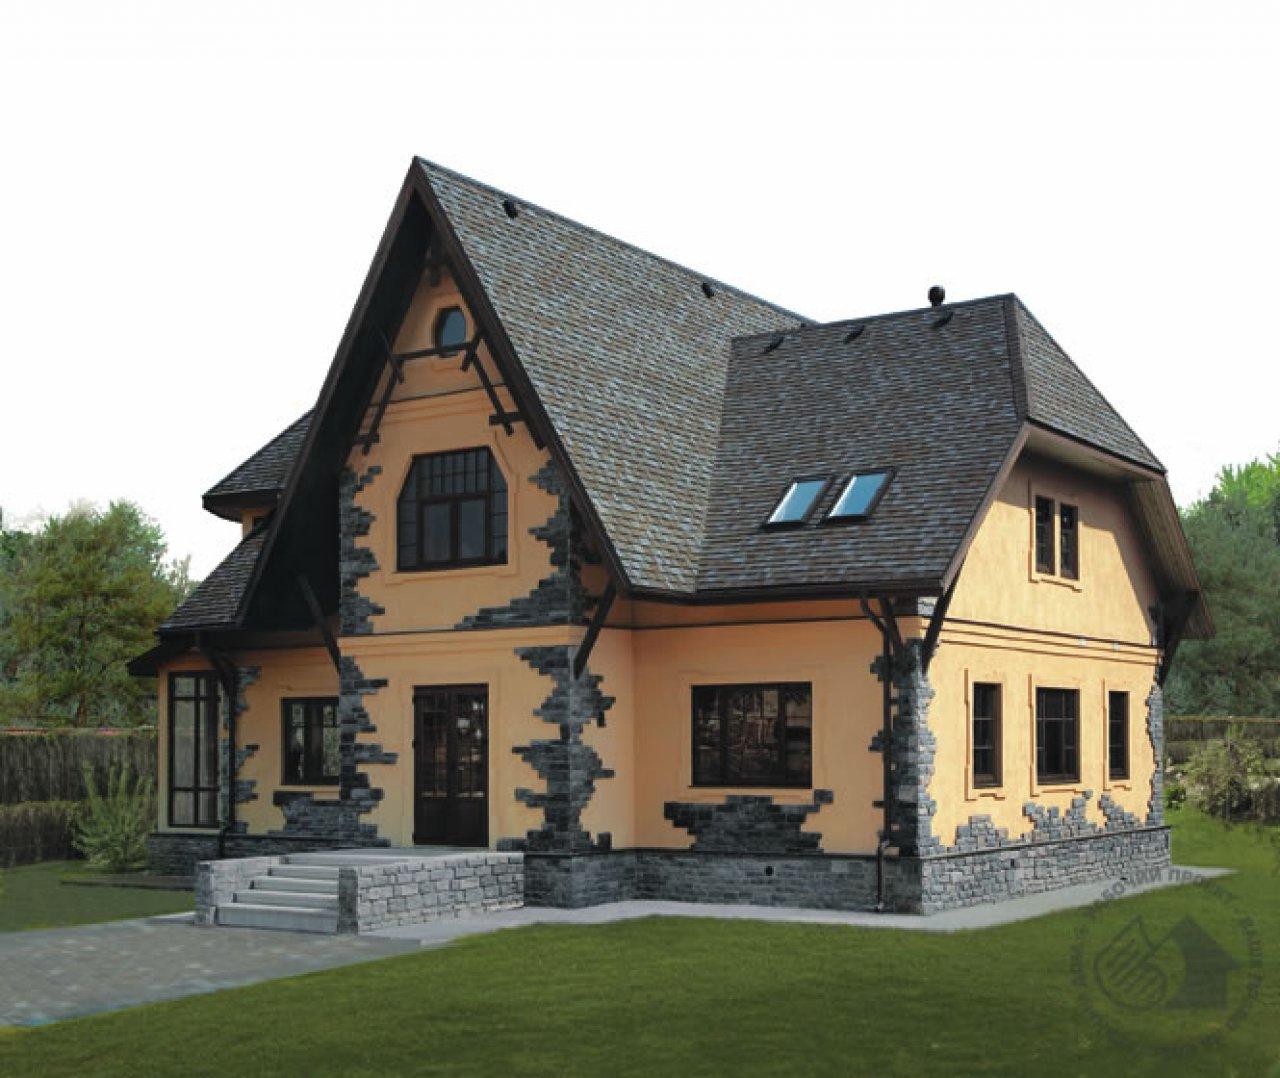 Услуги: строительство домов, коттеджей, бань, беседок, строи.